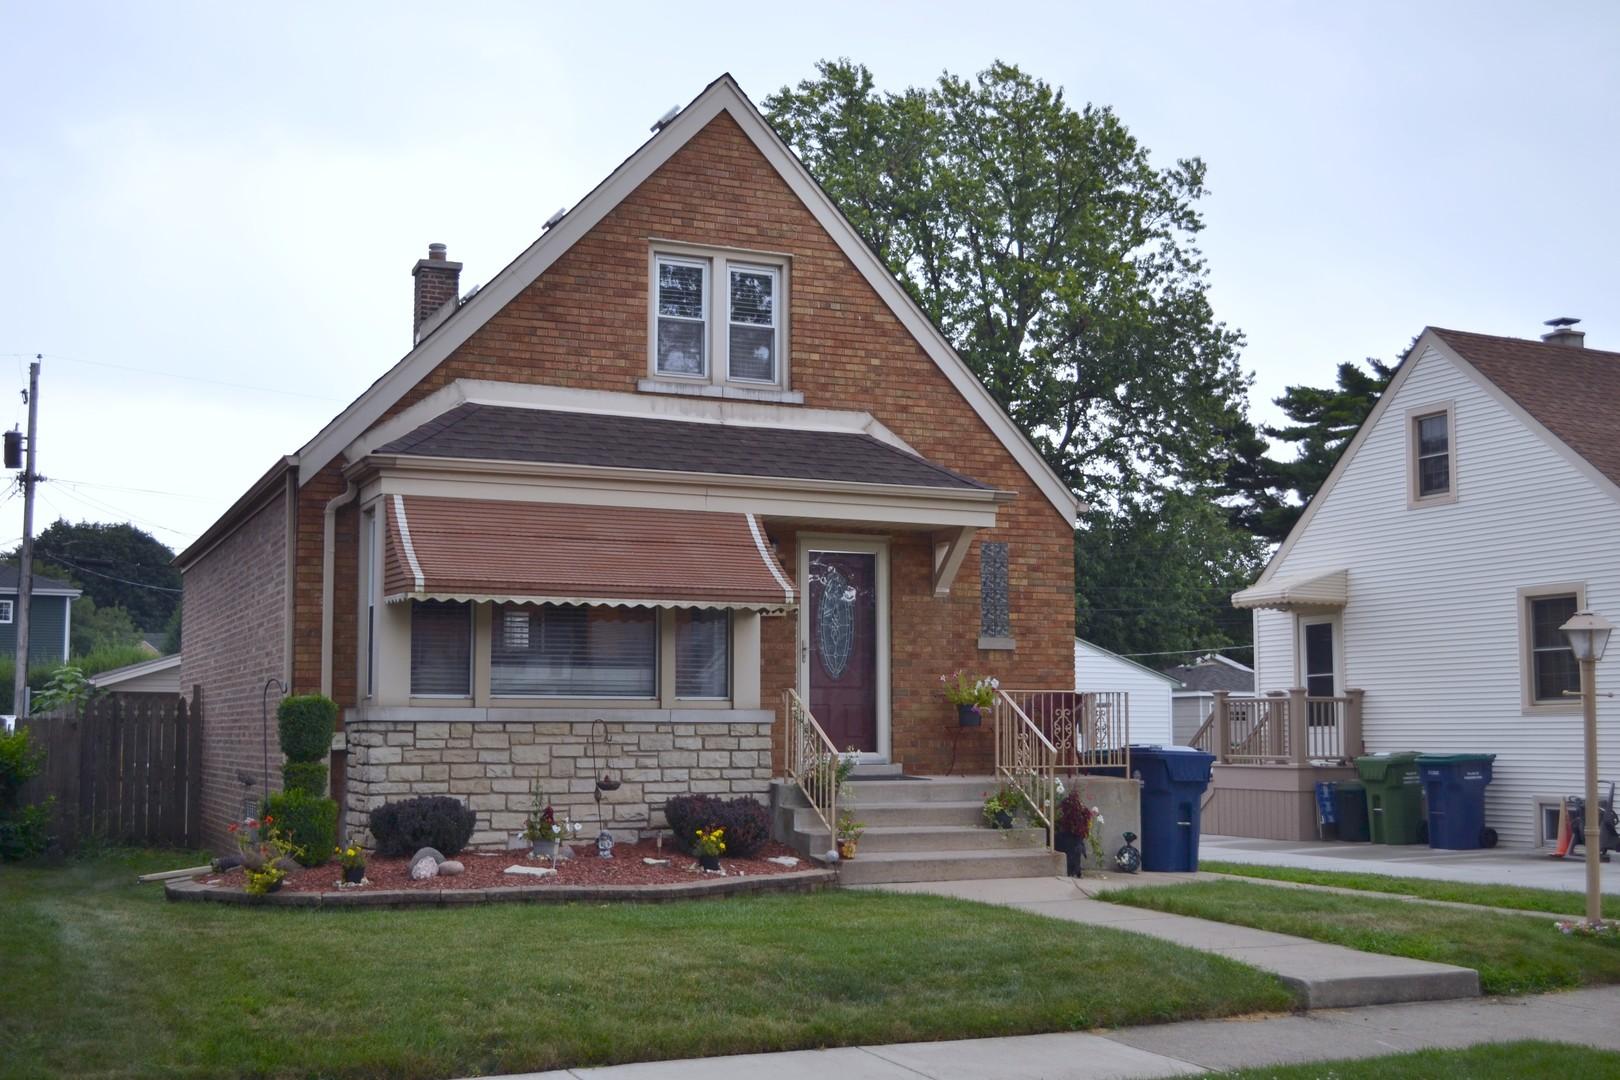 Photo of 9205 South Saint Louis Avenue EVERGREEN PARK IL 60805